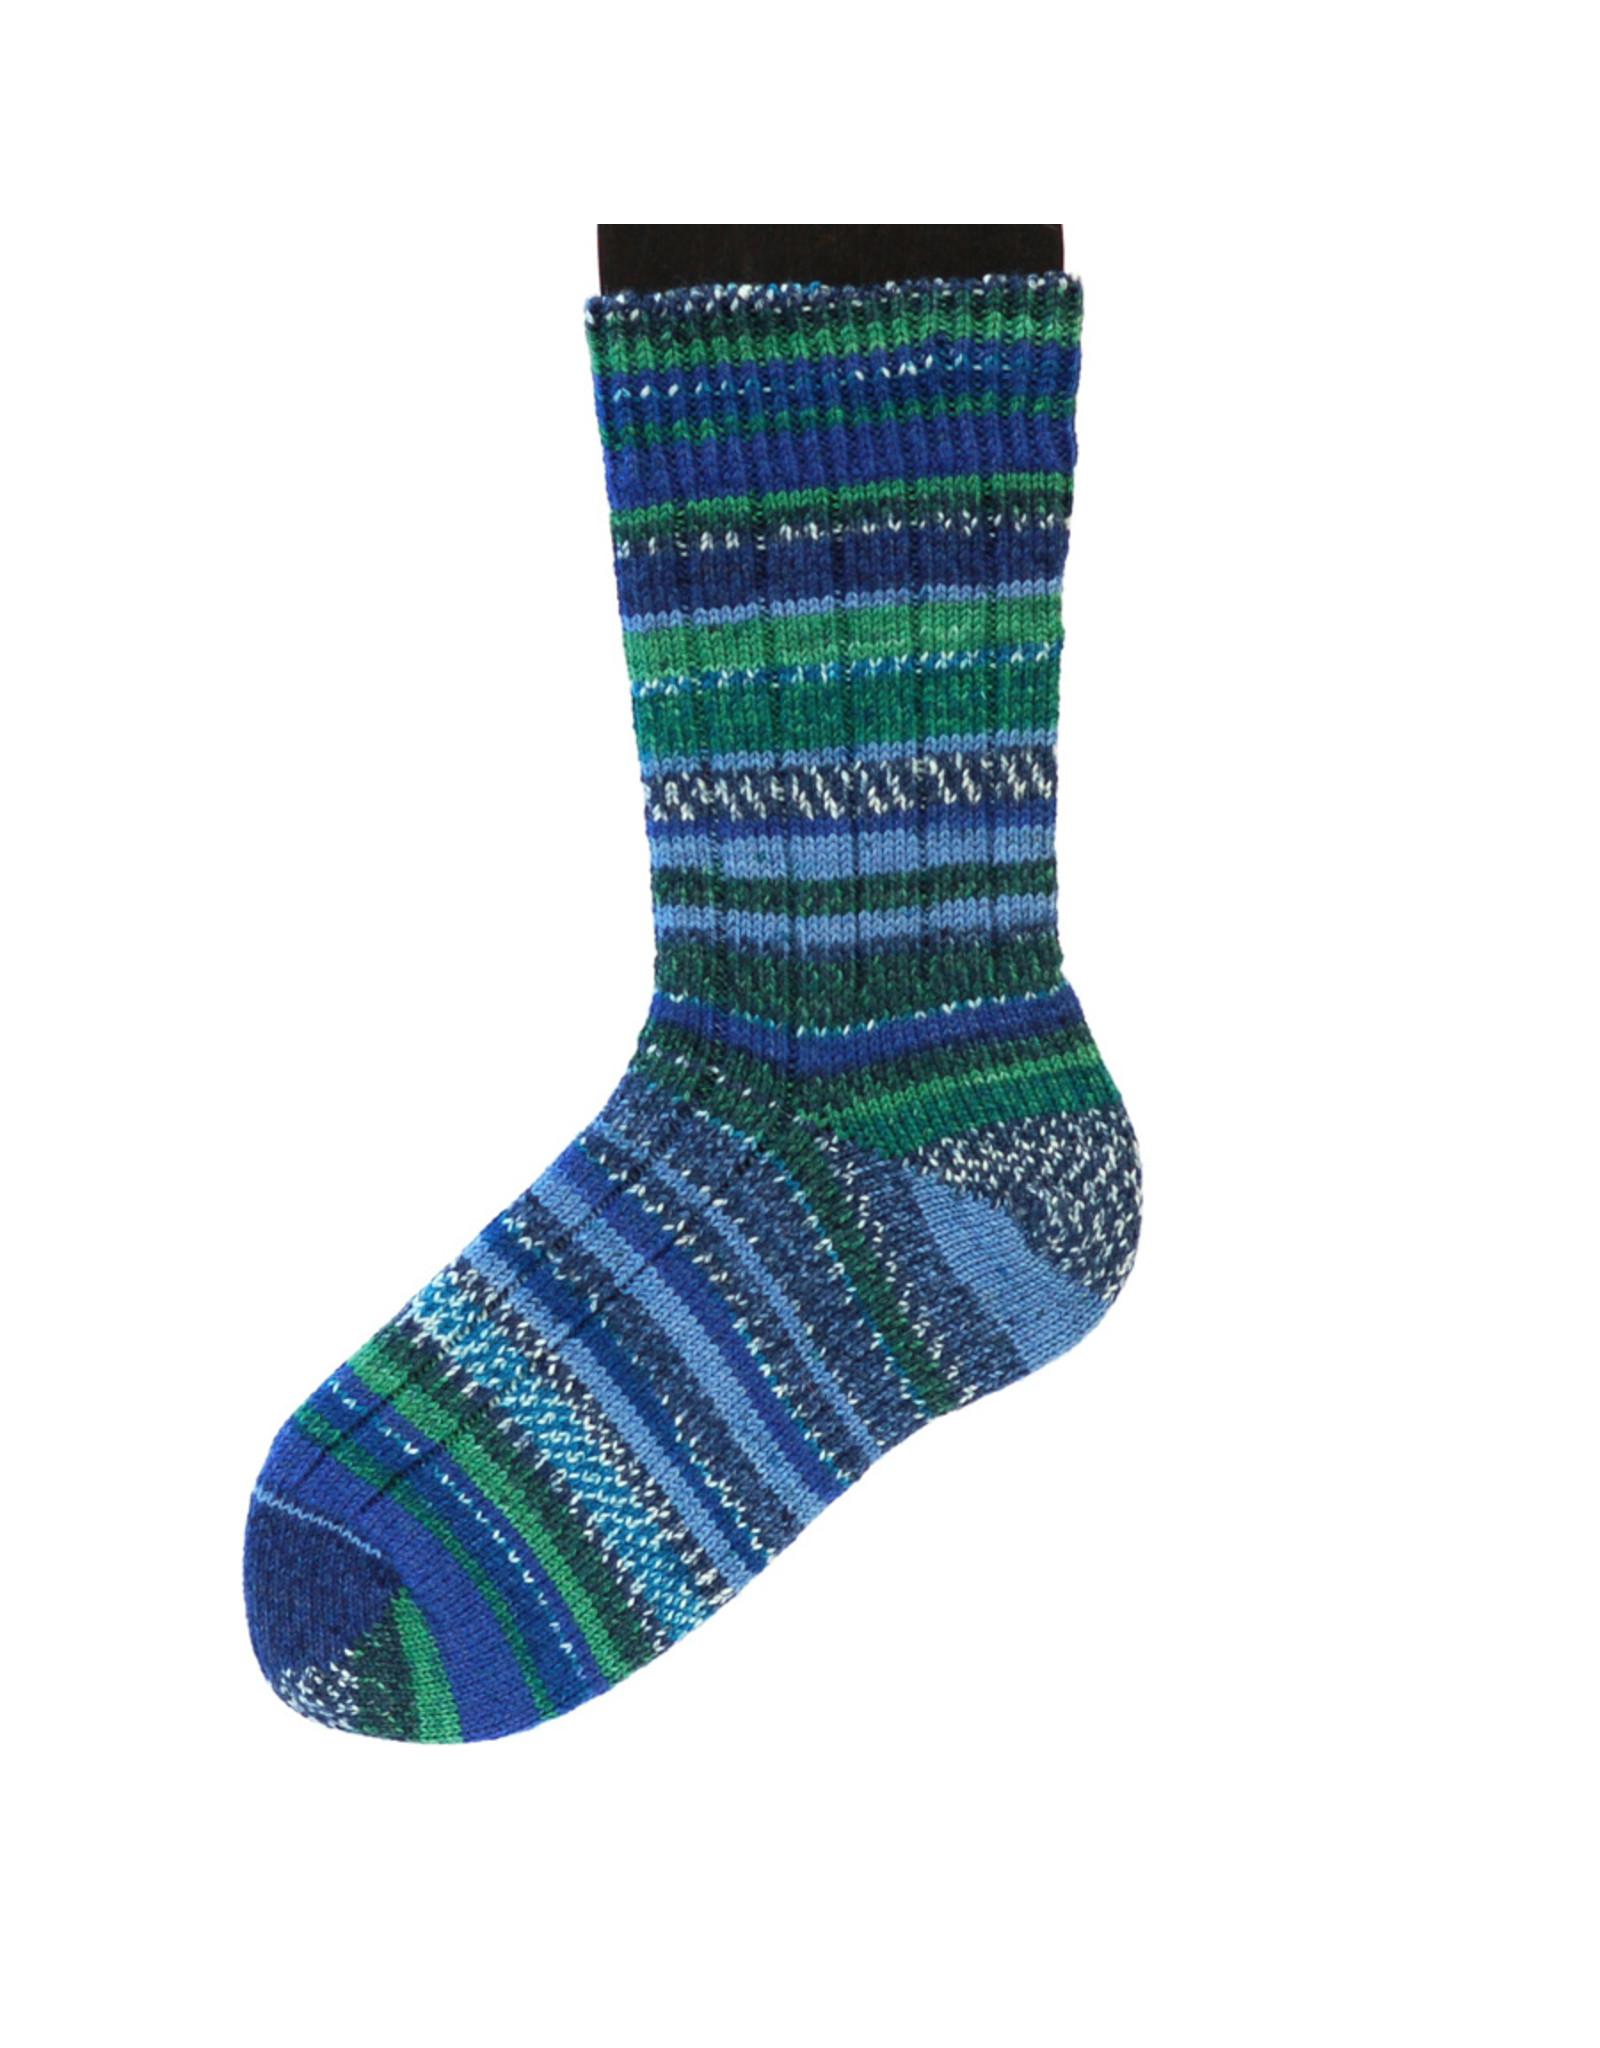 Schoppel Wolle Das Paar Socks